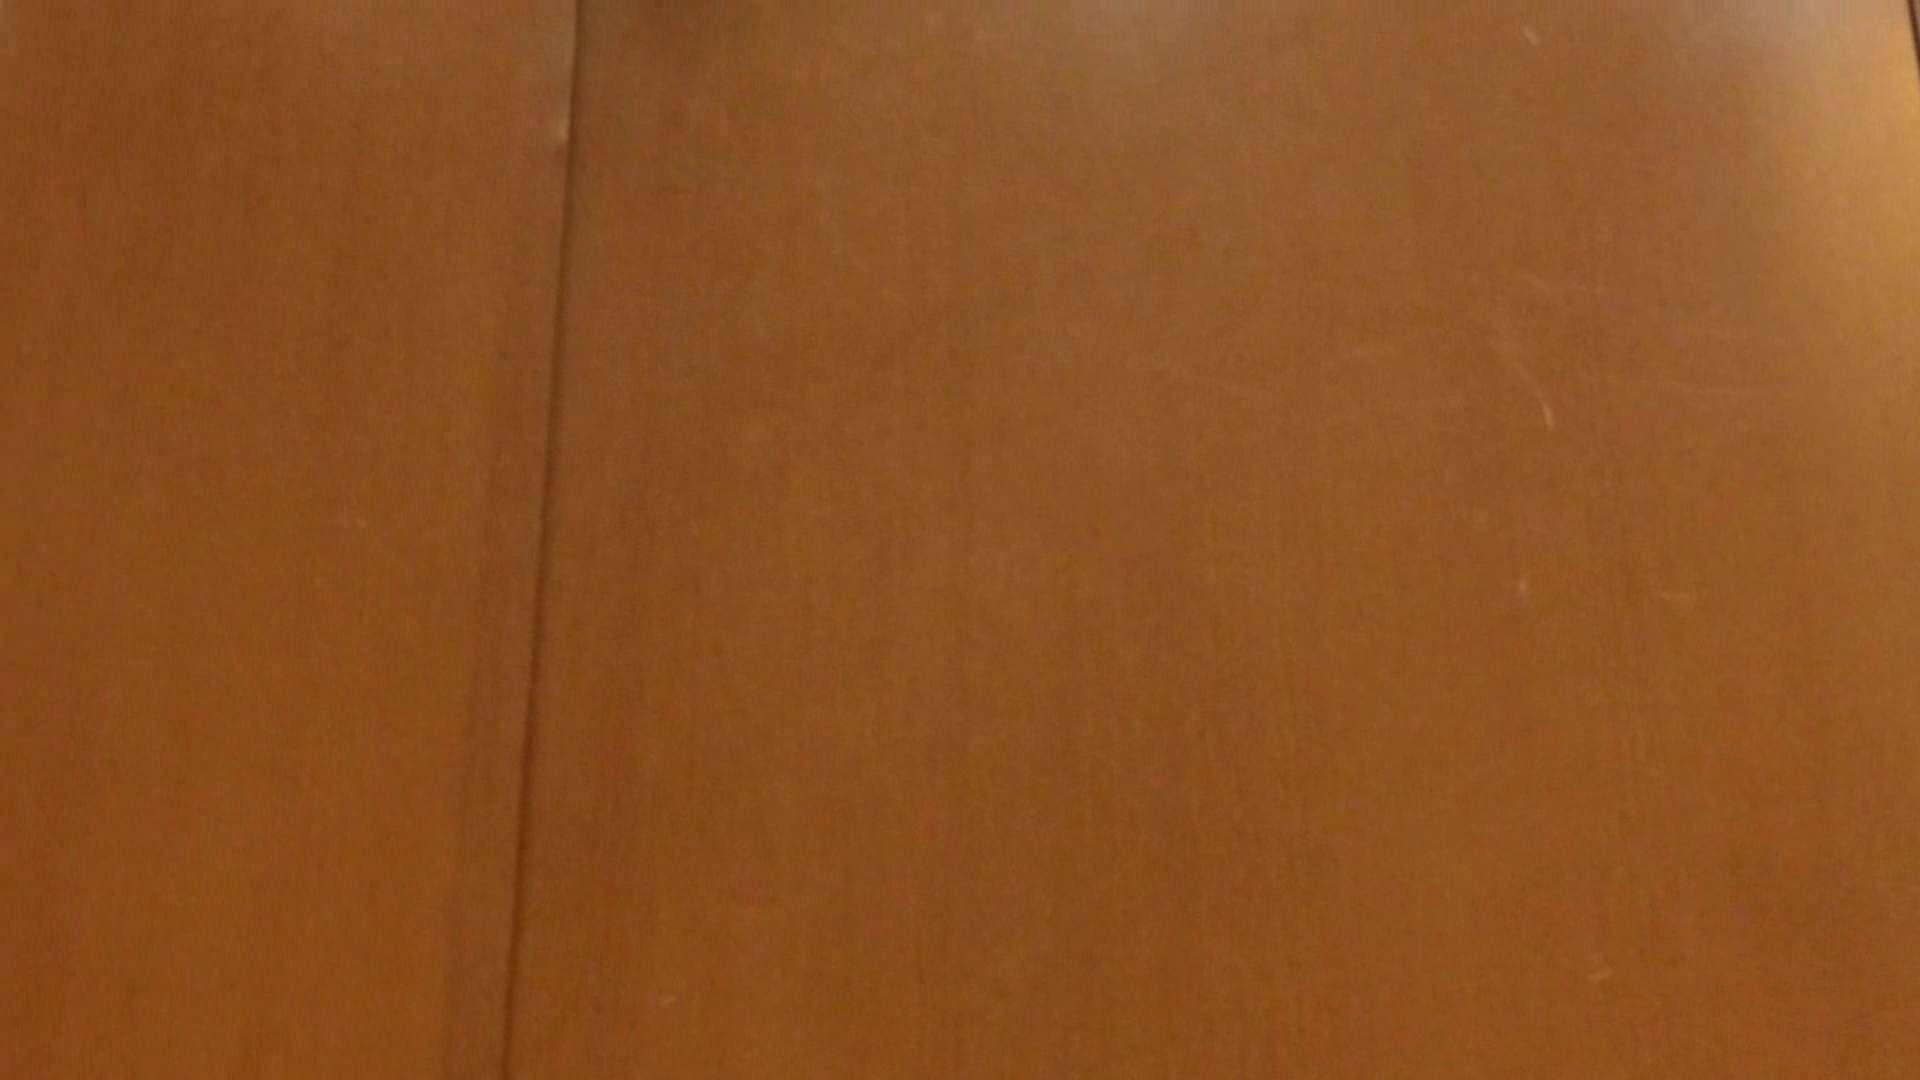 「噂」の国の厠観察日記2 Vol.01 美しいOLの裸体 | 厠隠し撮り  102pic 82